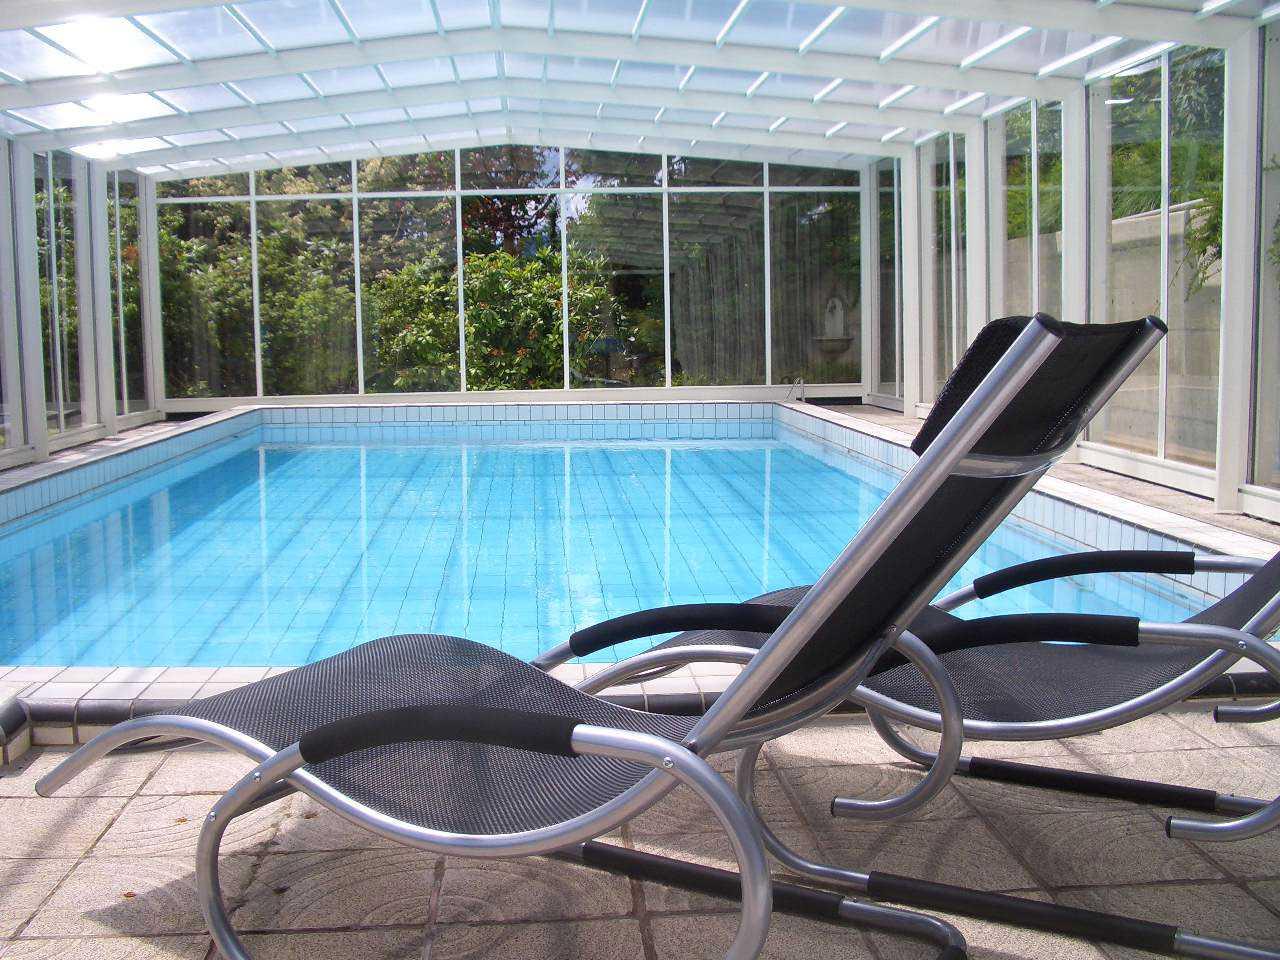 schwimmbadabdeckung und berdachung ac schwimmbadtechnik. Black Bedroom Furniture Sets. Home Design Ideas